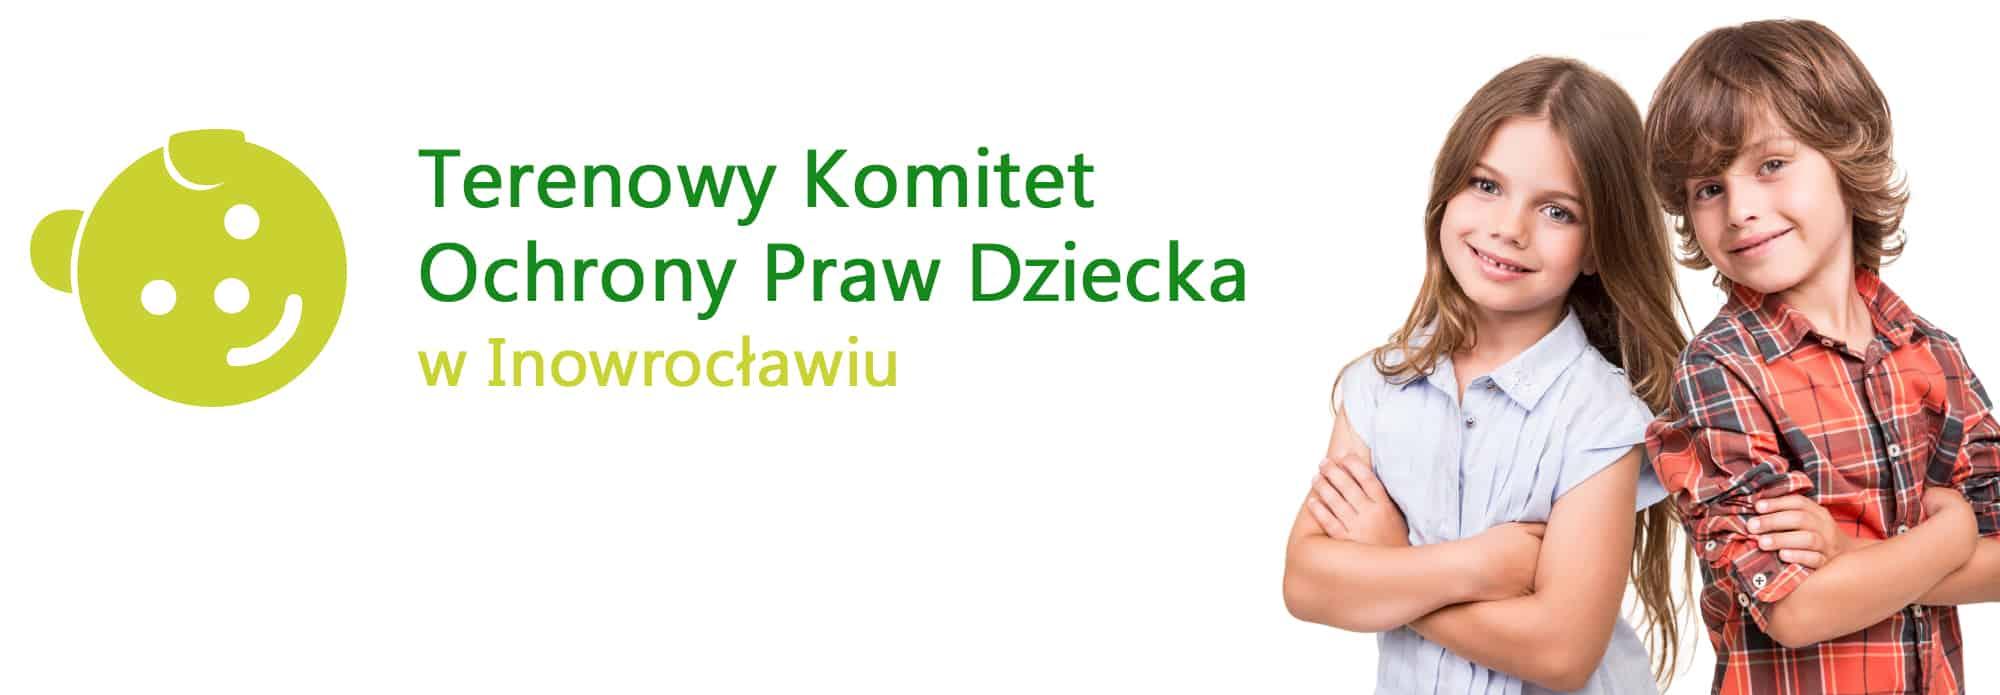 Terenowy Komitet Ochrony Praw Dziecka Inowrocław